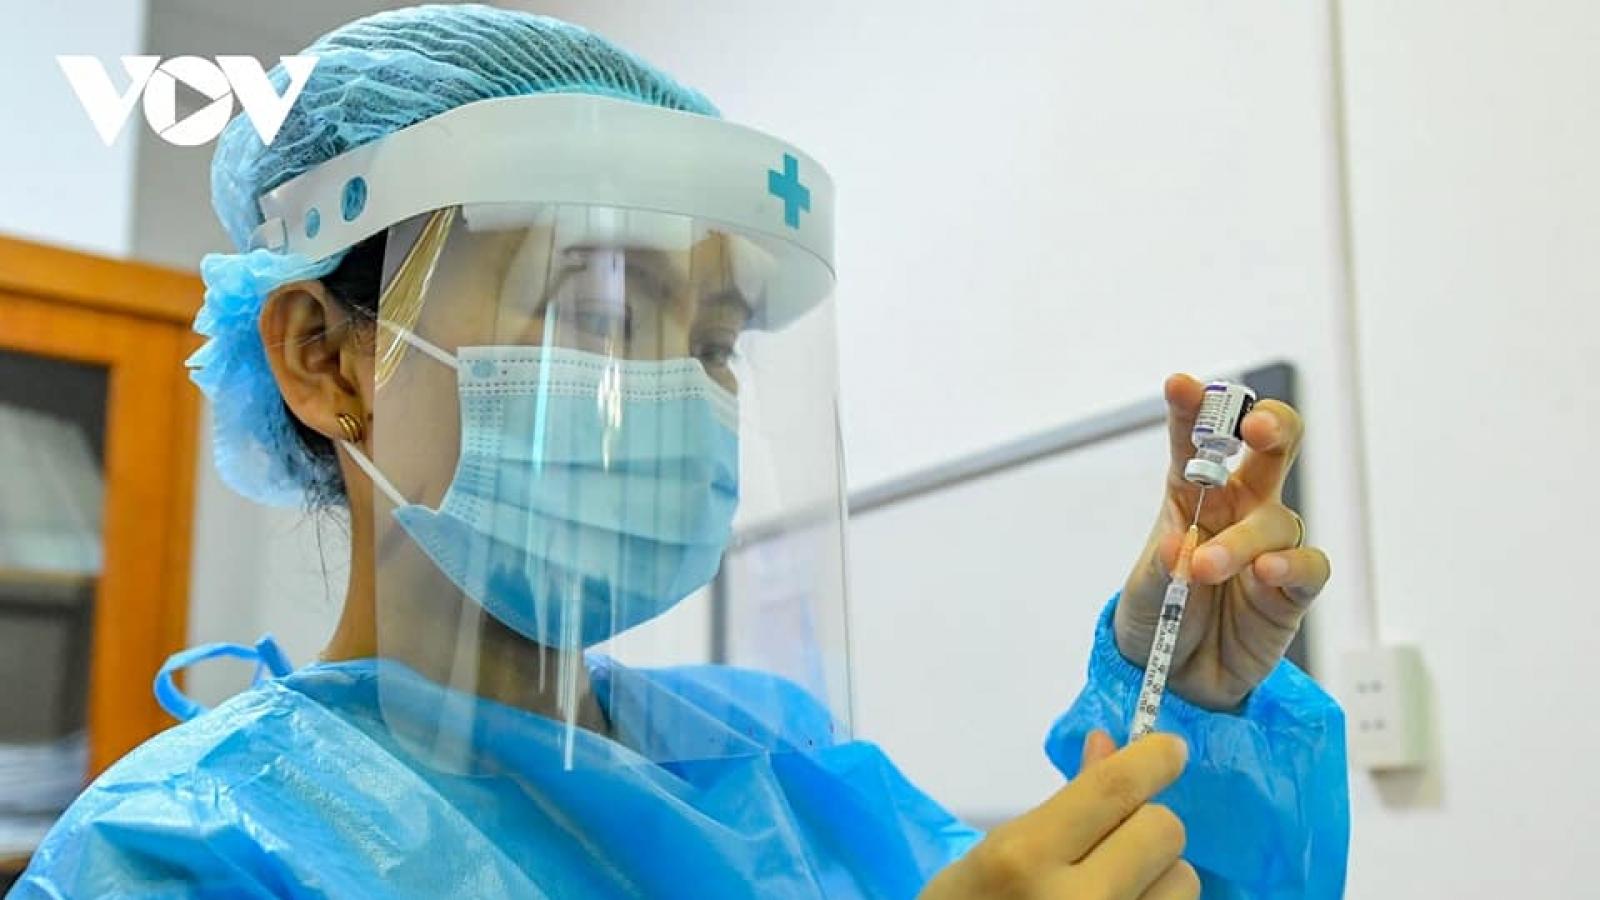 Ngày 25/10, hơn 1.300 bệnh nhân COVID-19 đượccông bố khỏi bệnh